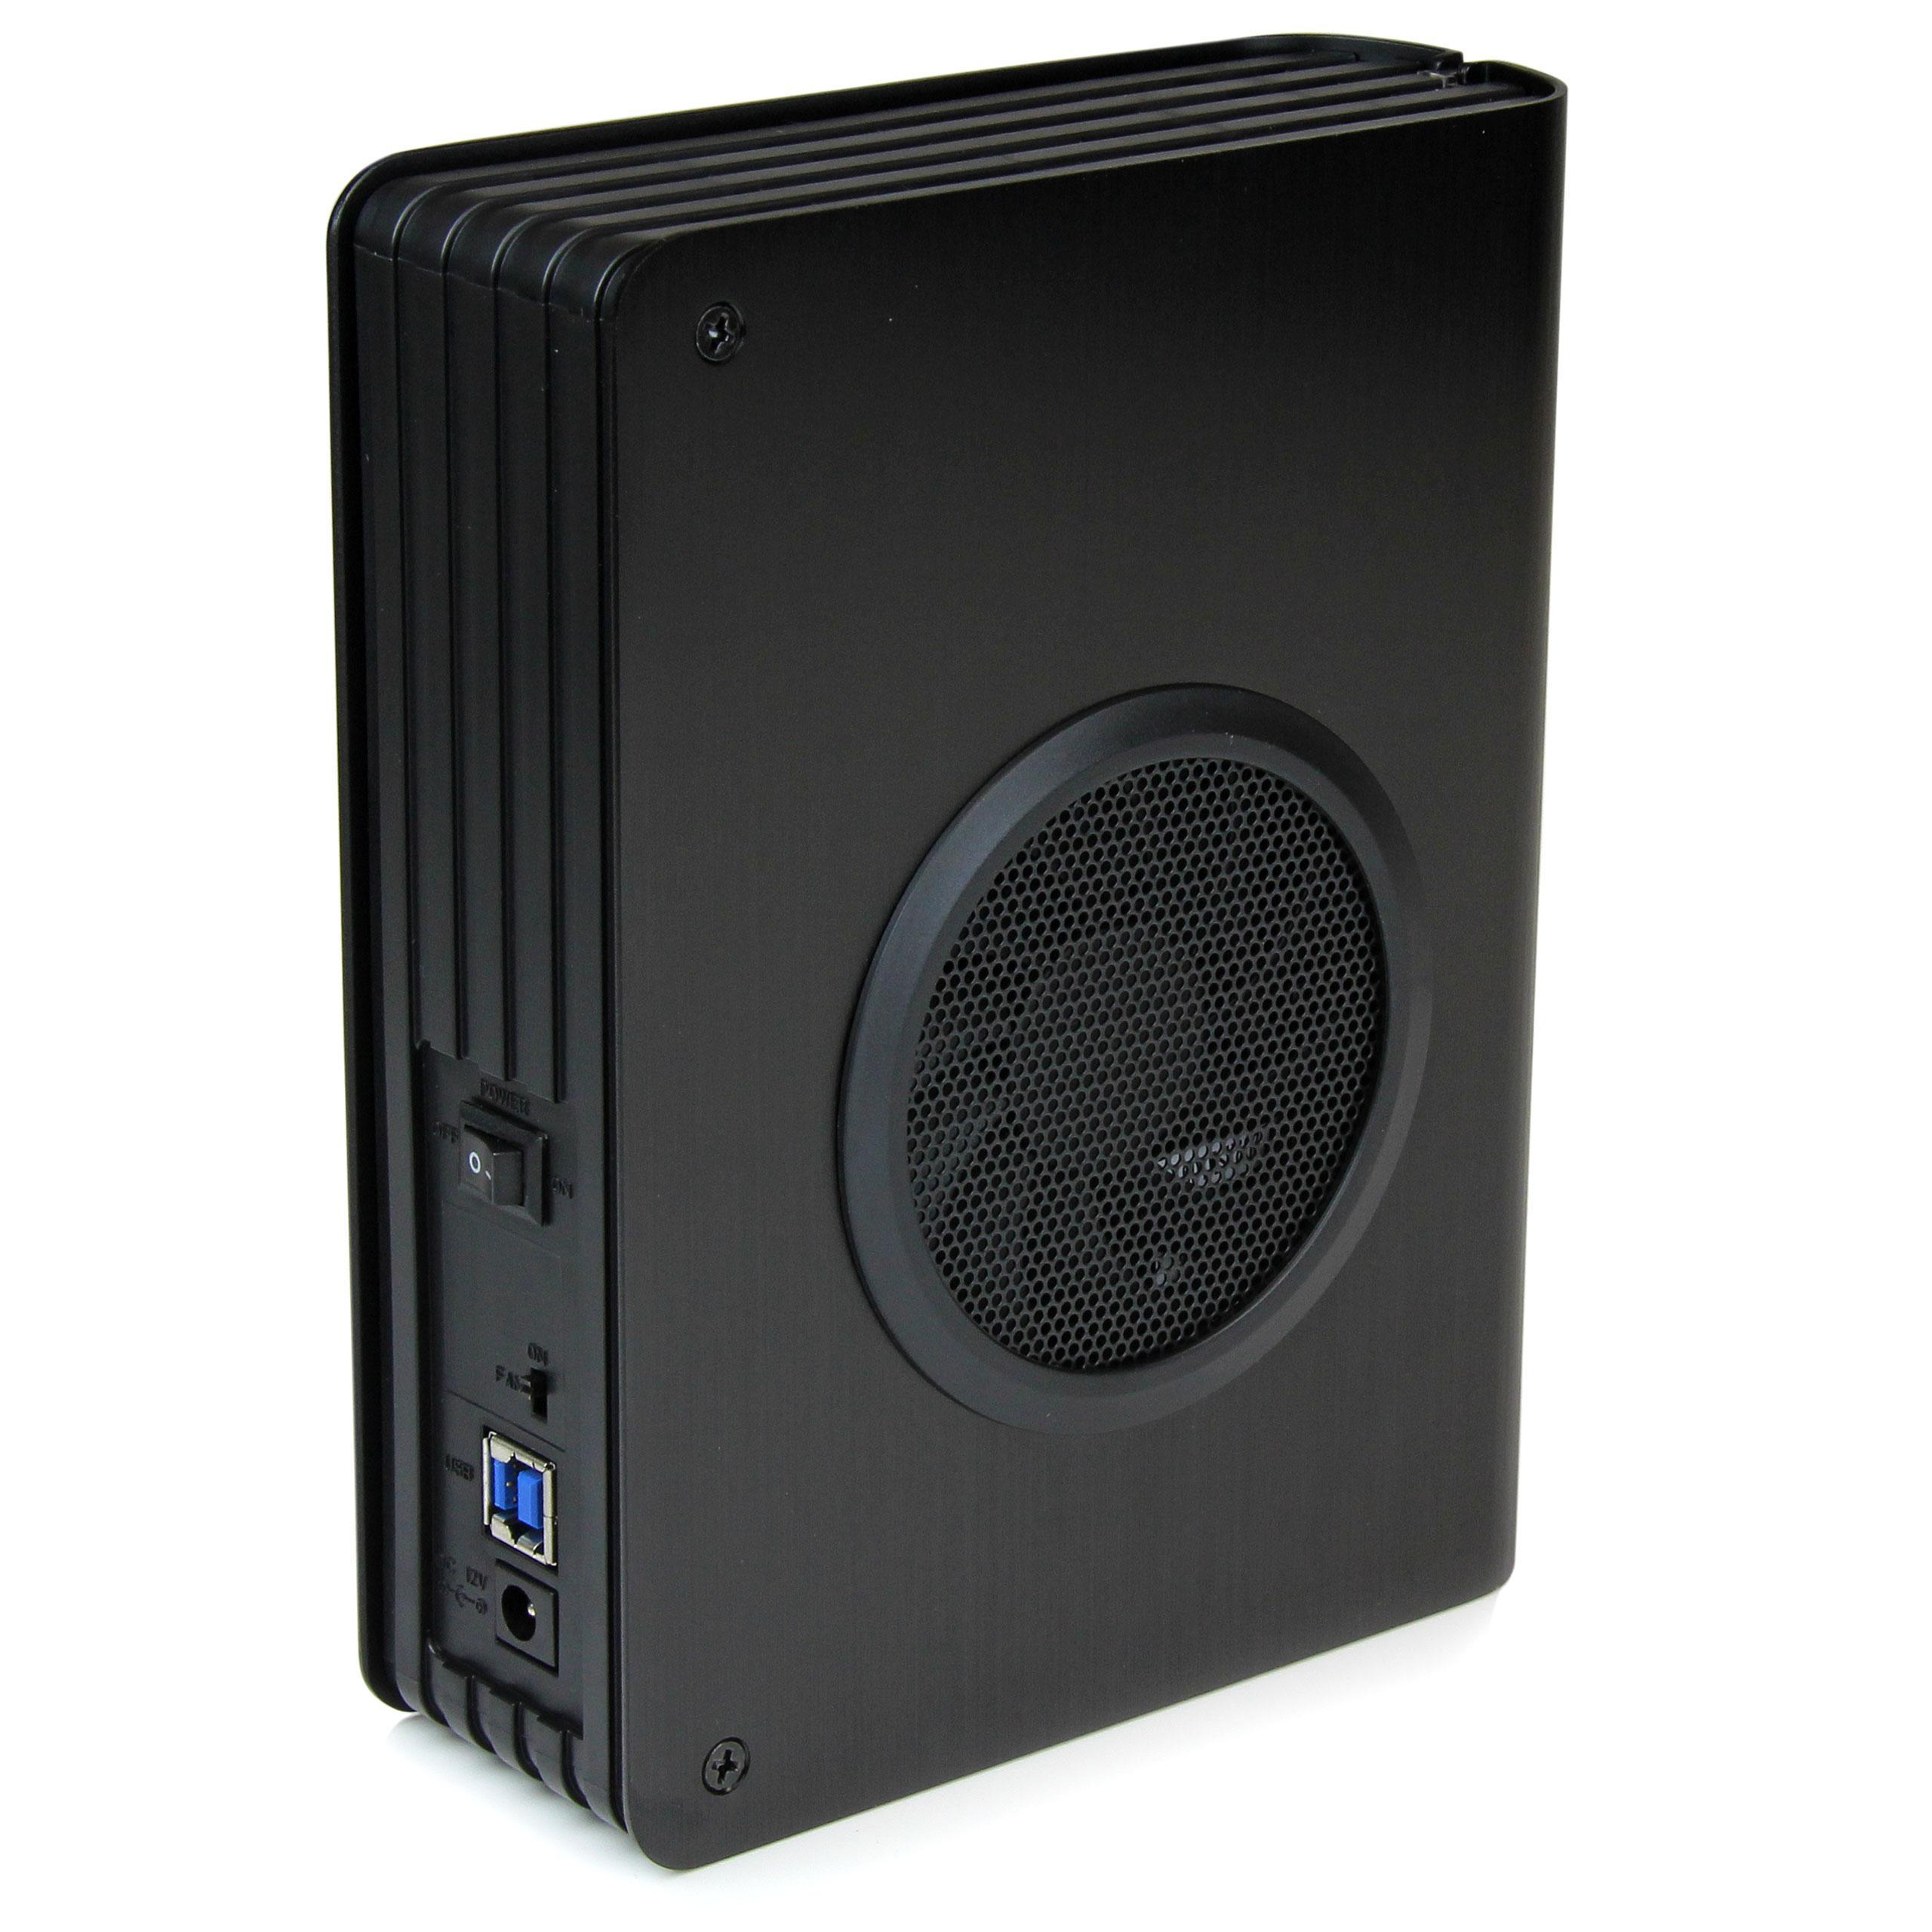 Amazon.com: StarTech. com 3.5-inch externo USB 3.0 SATA III ...